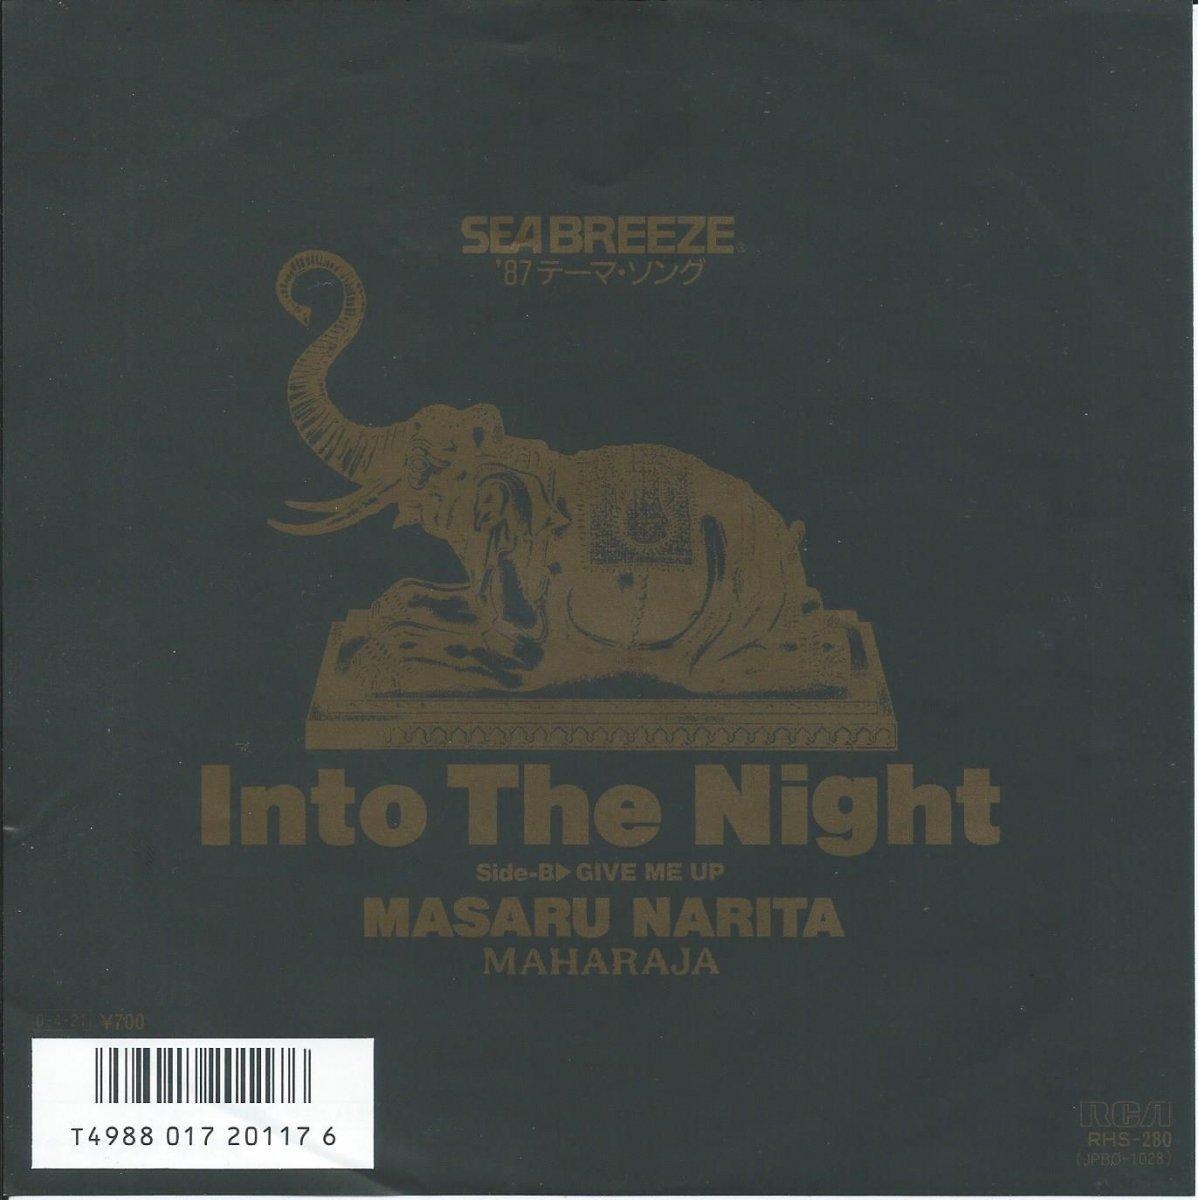 成田勝 MASARU NARITA / INTO THE NIGHT / GIVE ME UP (7